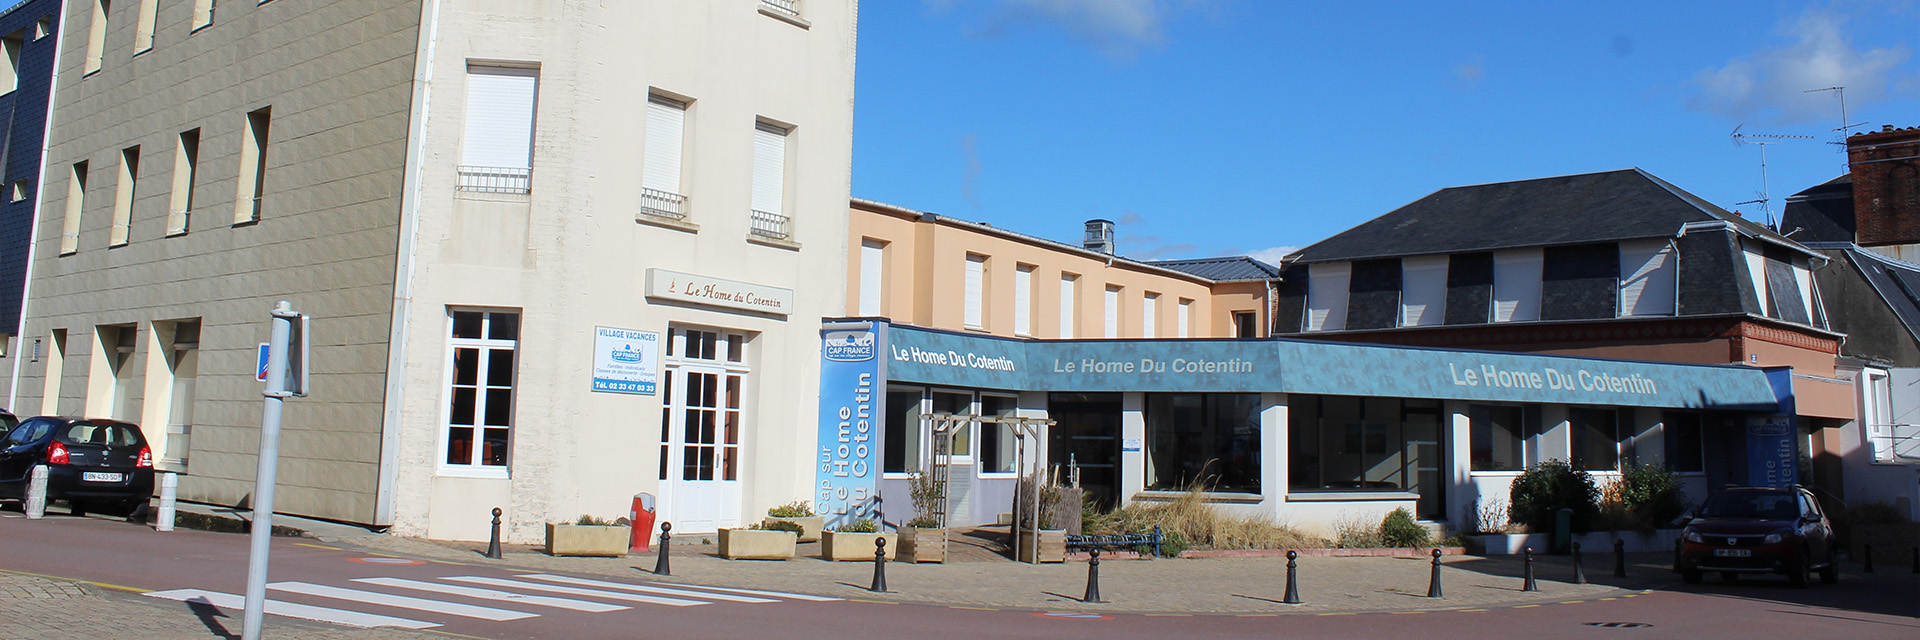 Village_club_vacances_normandie-et-cote-dopale-le-home-du-cotentin-exterier